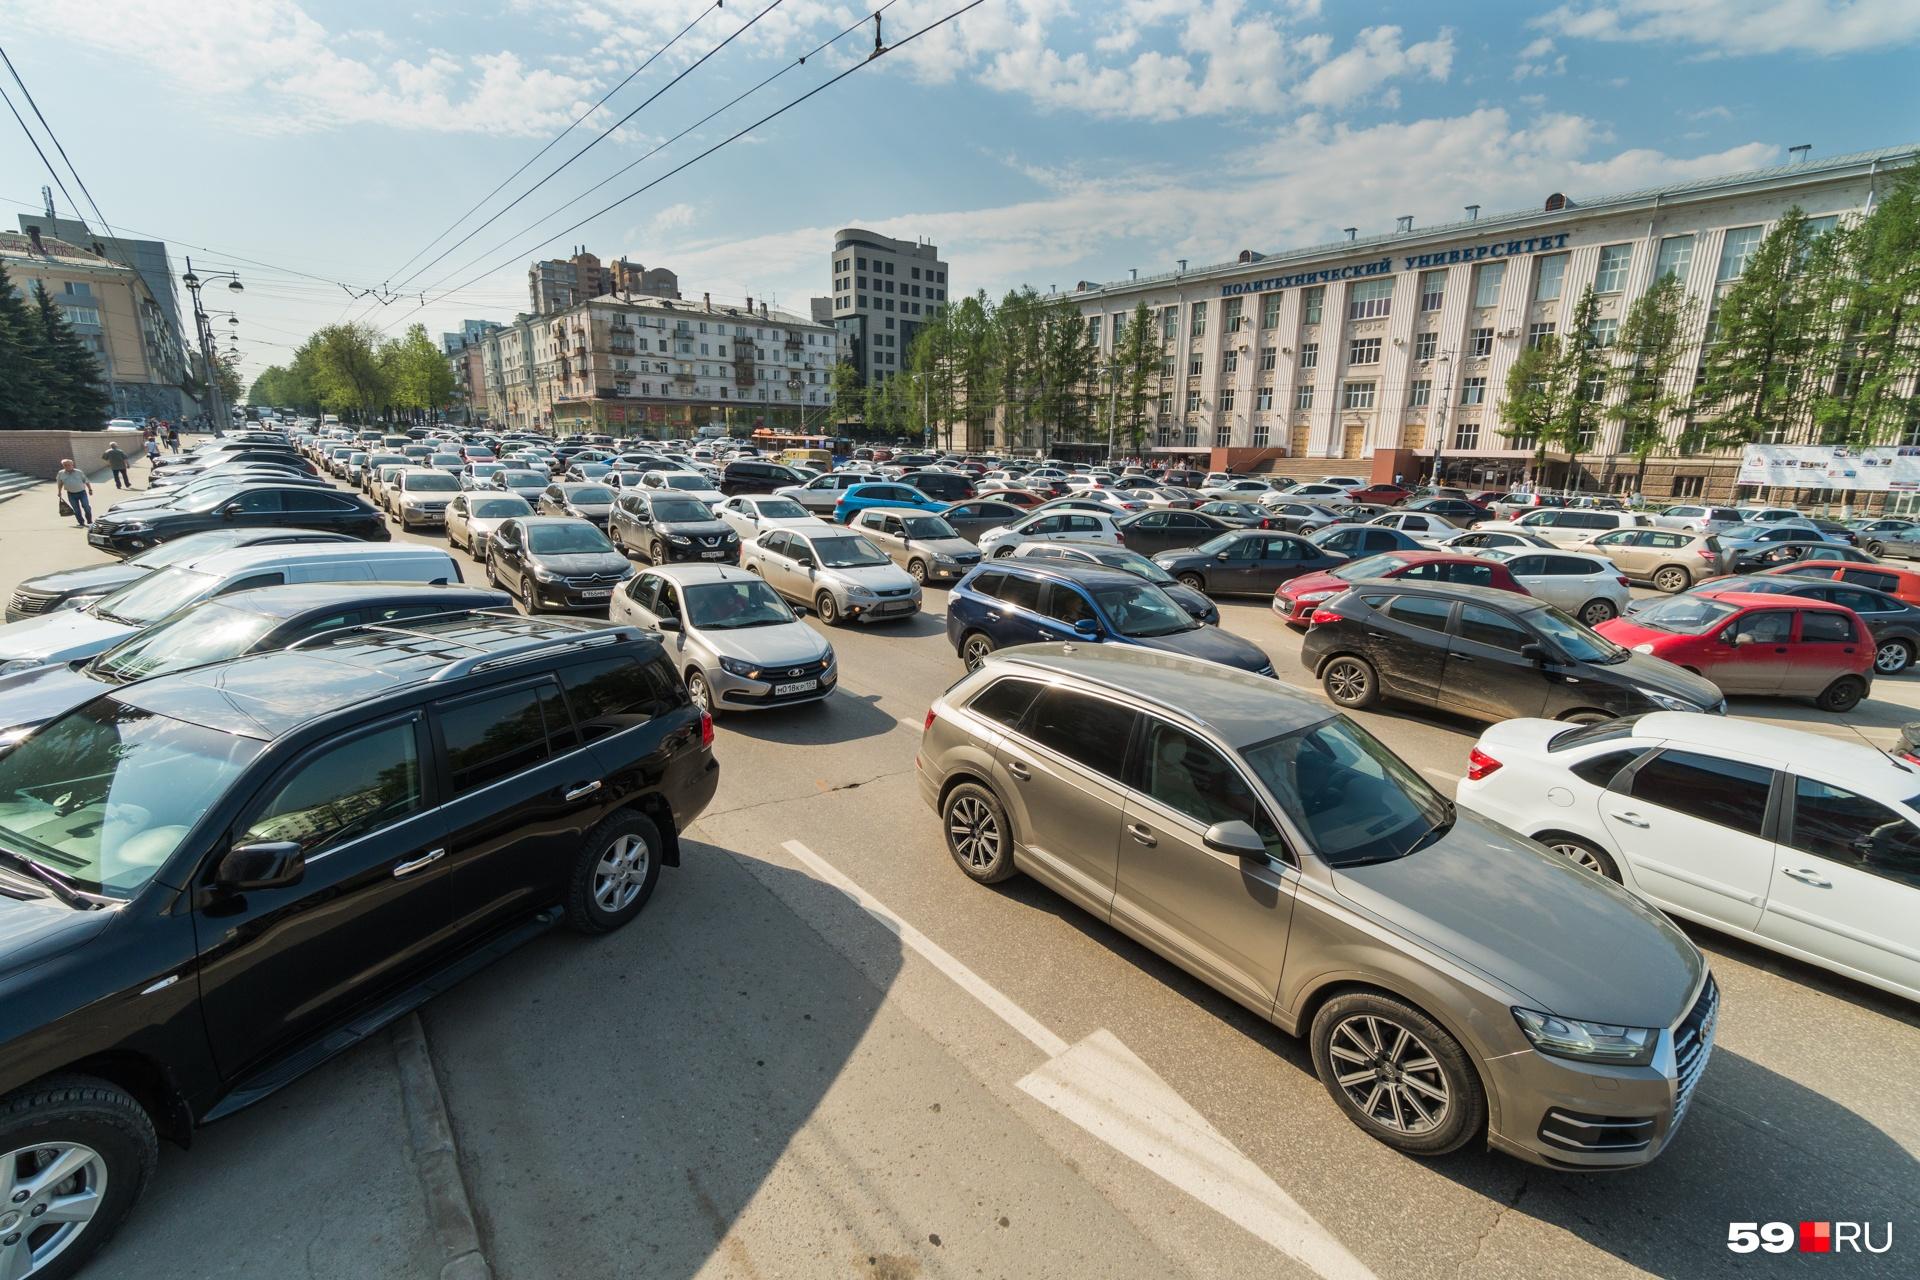 Дороги похожи на одну большую парковку